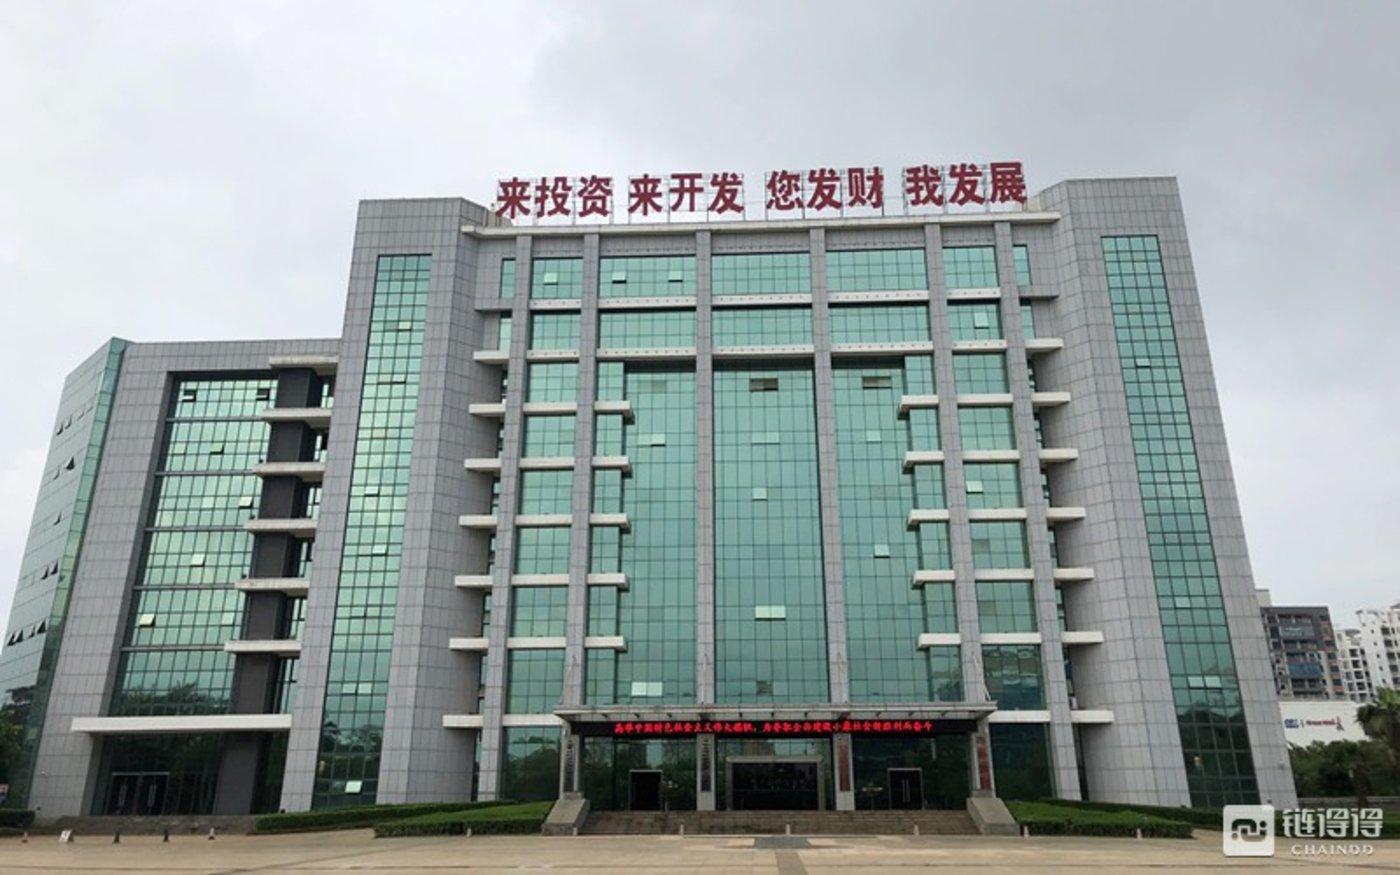 图:海南老城经济开发区政务中心